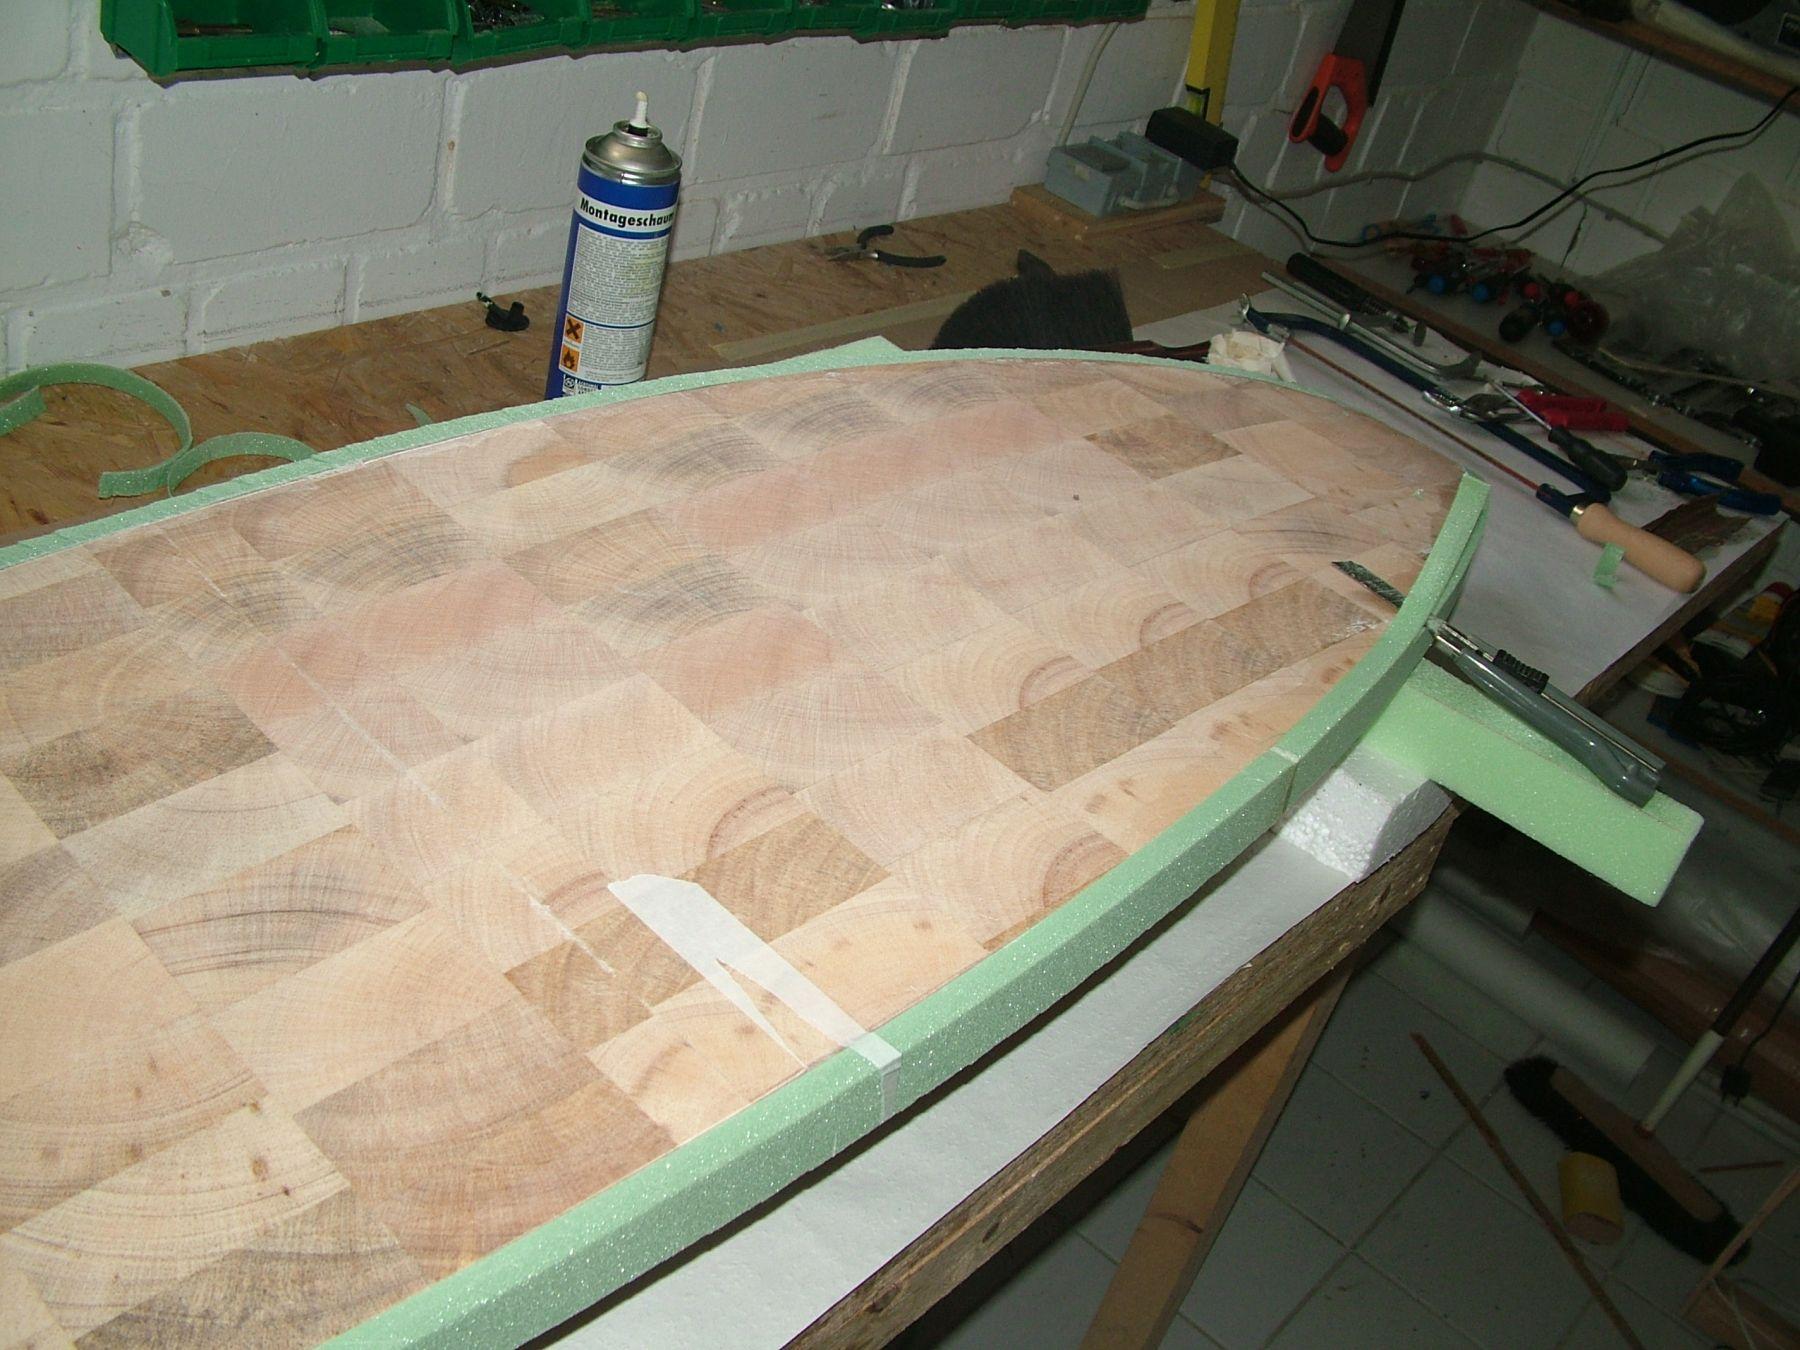 kite fish selbstbau. Black Bedroom Furniture Sets. Home Design Ideas